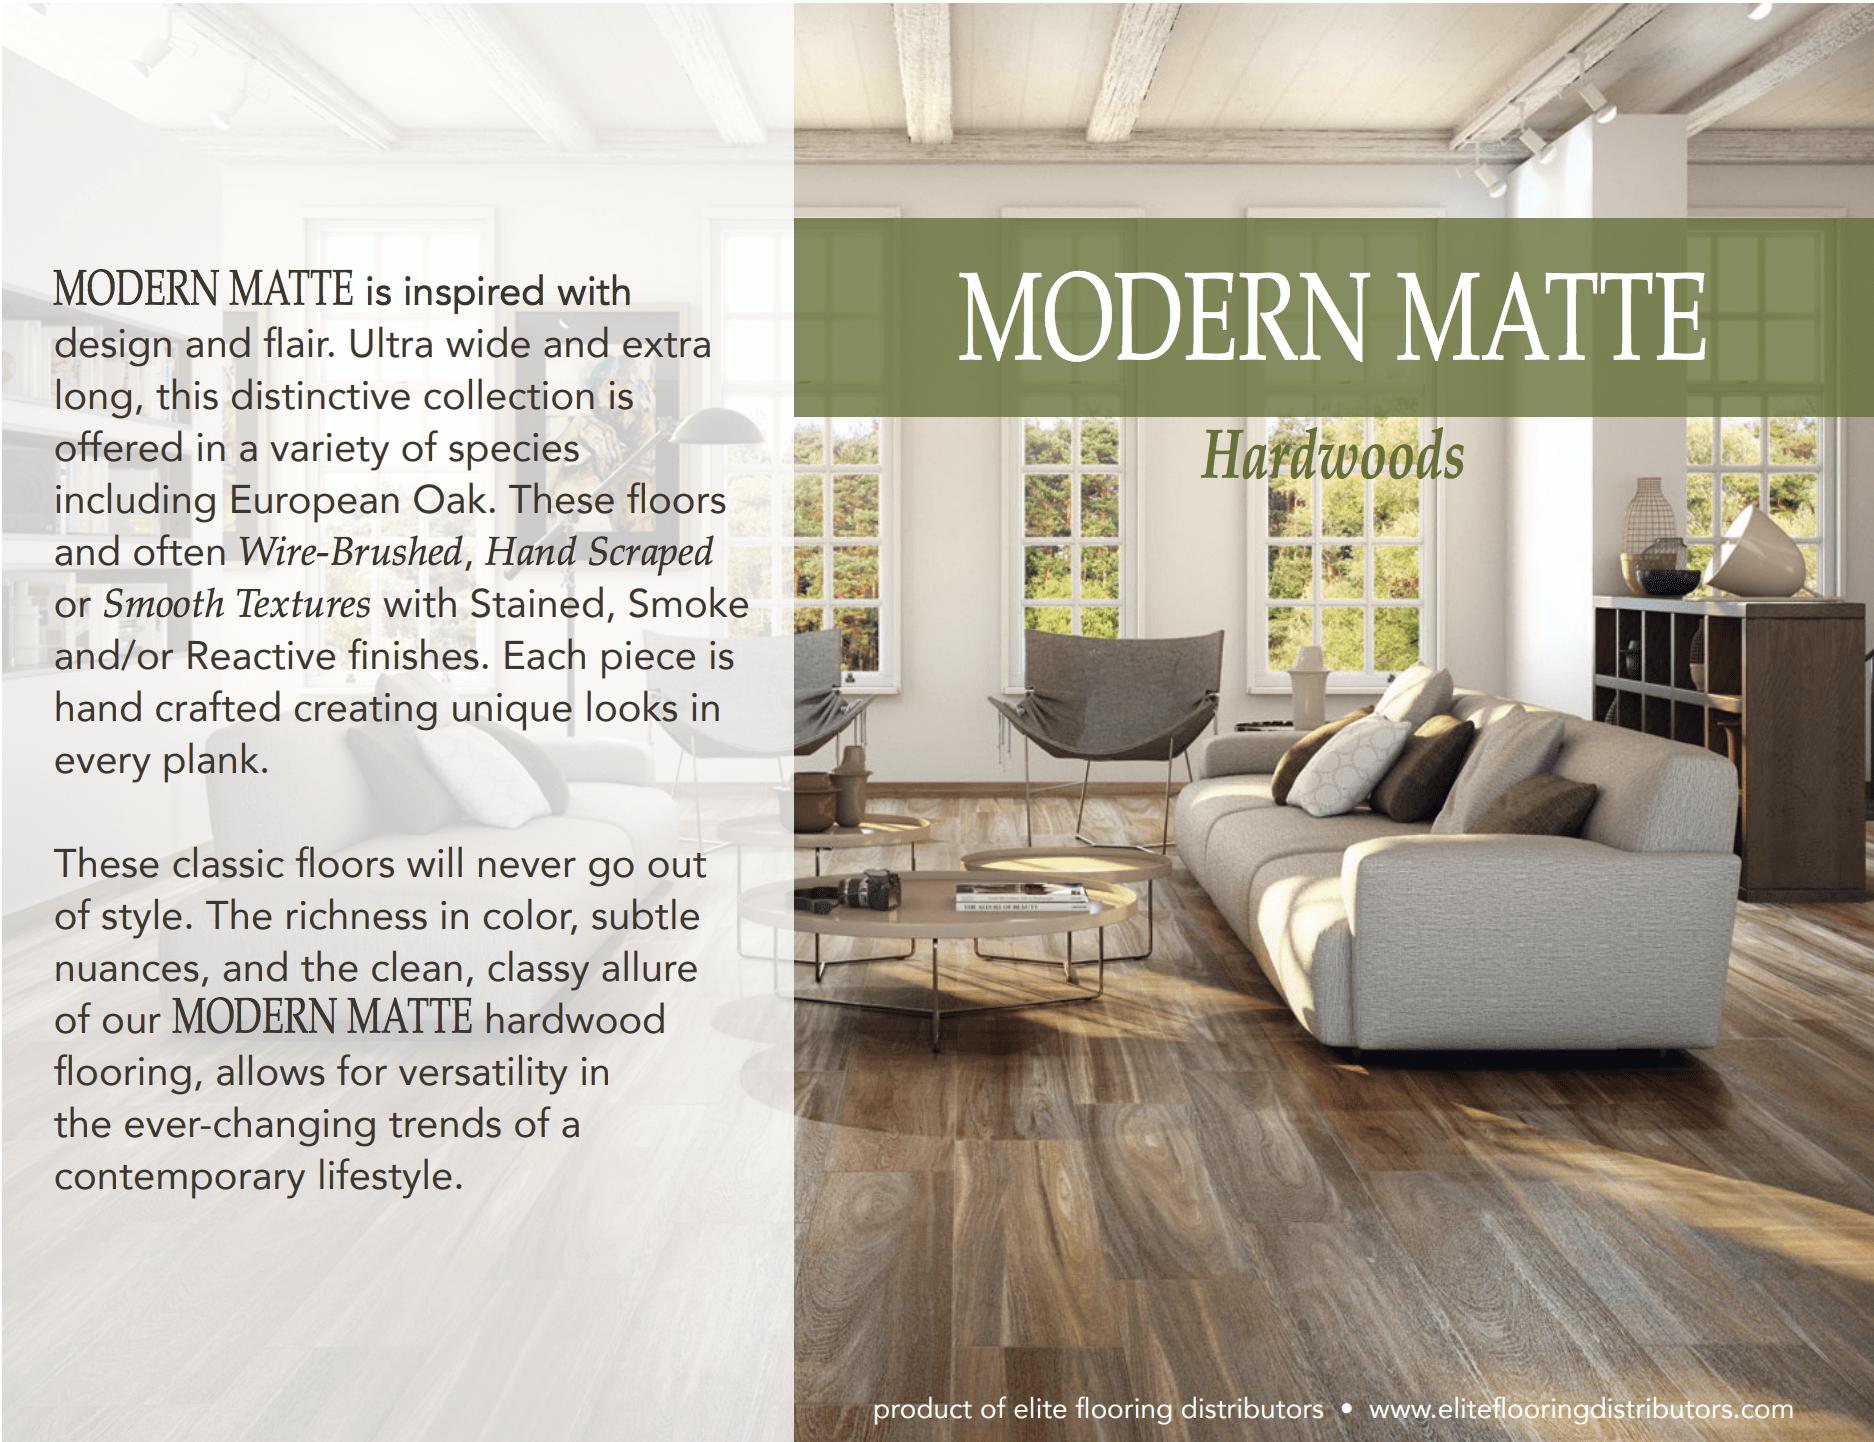 Elite Flooring Distributors carries hardwood floors by Modern Matte